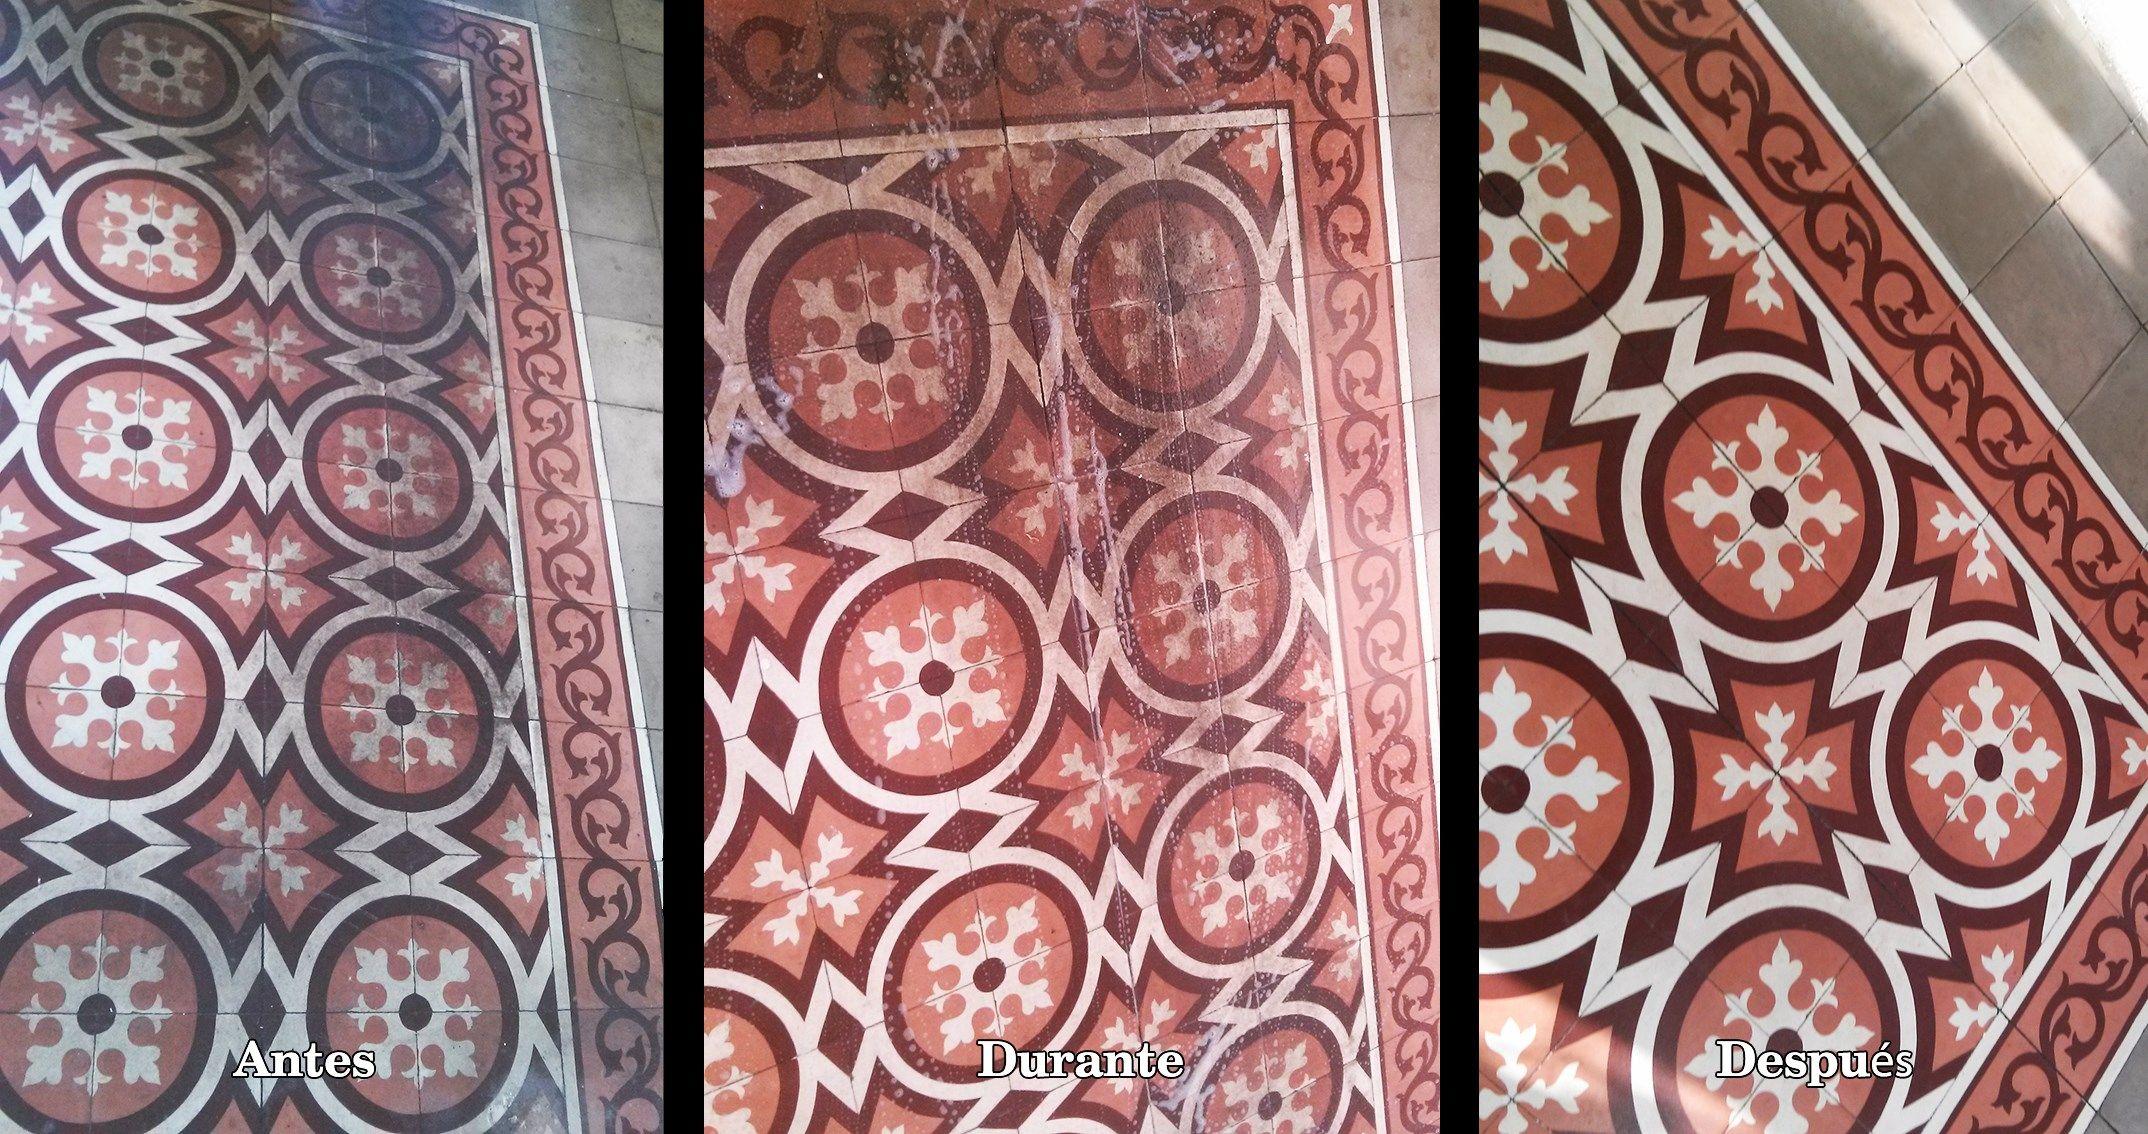 Cómo Recuperar Un Suelo De Mosaico Hidráulico Muy Deteriorado Mosaico Hidraulico Suelos Mosaicos